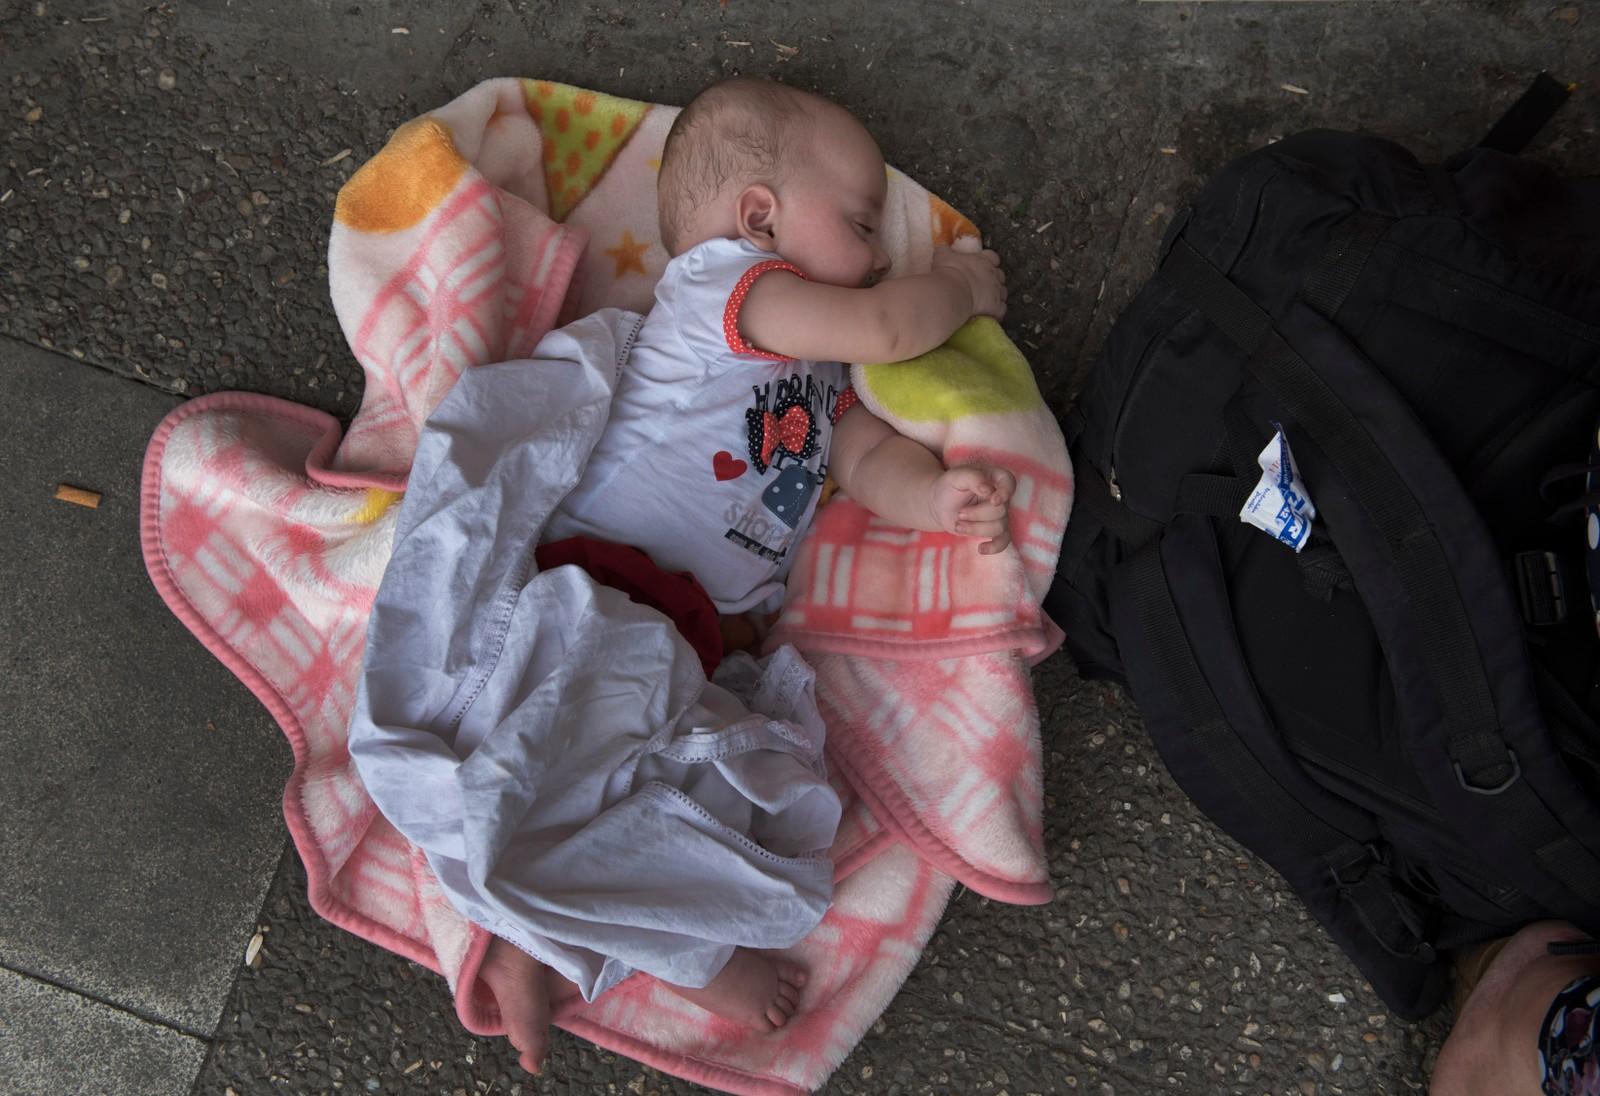 Åtte måneder gamle Nejmi fra Aleppo i Syria, sover søtt og intetanende på en togperrong i den tyrkiske byen Izmir. Foreldrene håper å komme seg til Hellas med båt, og deretter trolig videre til et av de rikere europeiske landene i håp om et bedre liv.